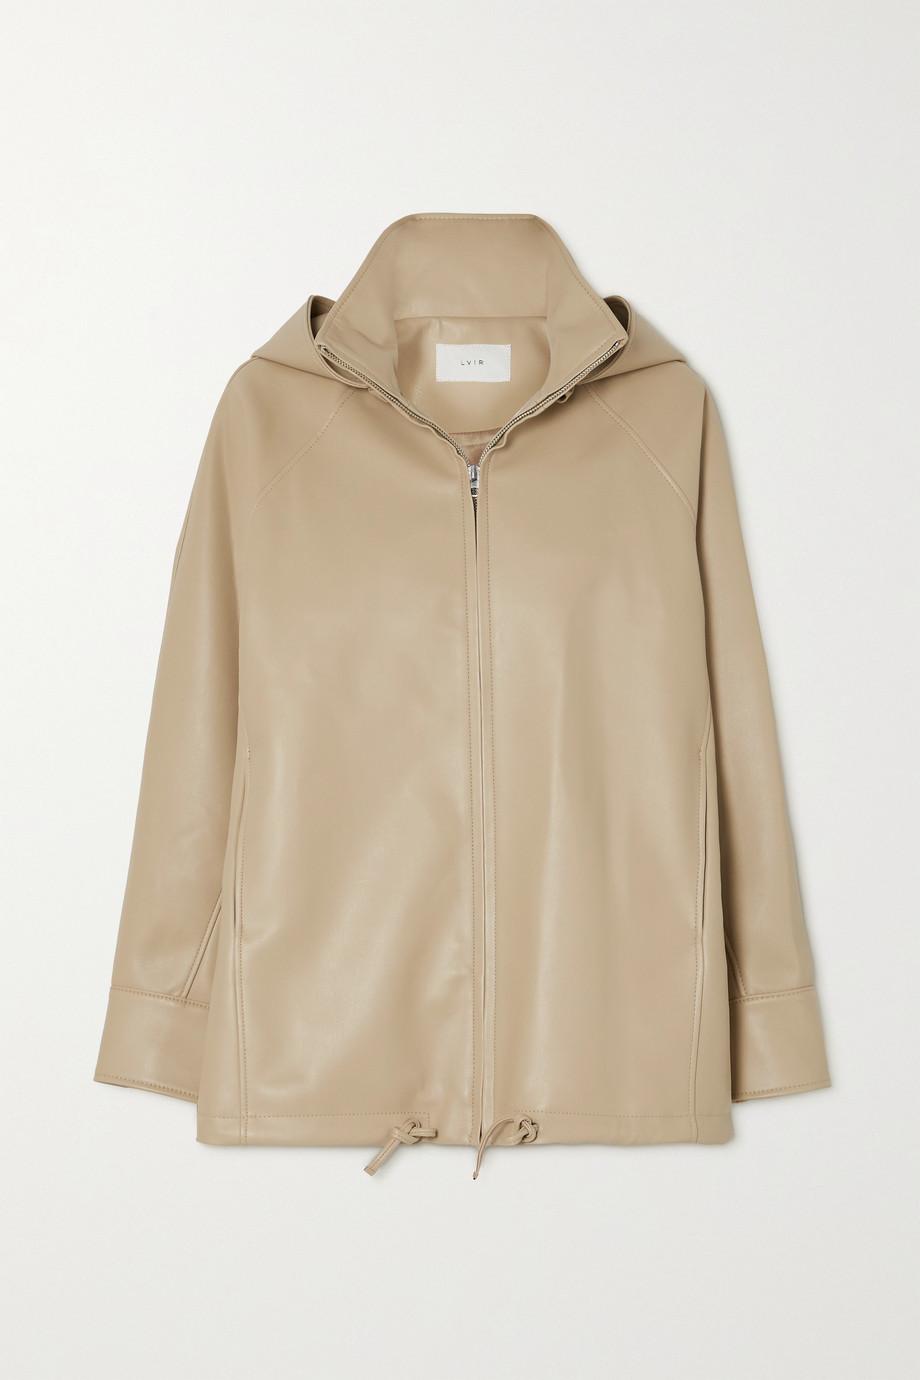 LVIR Faux leather hooded jacket